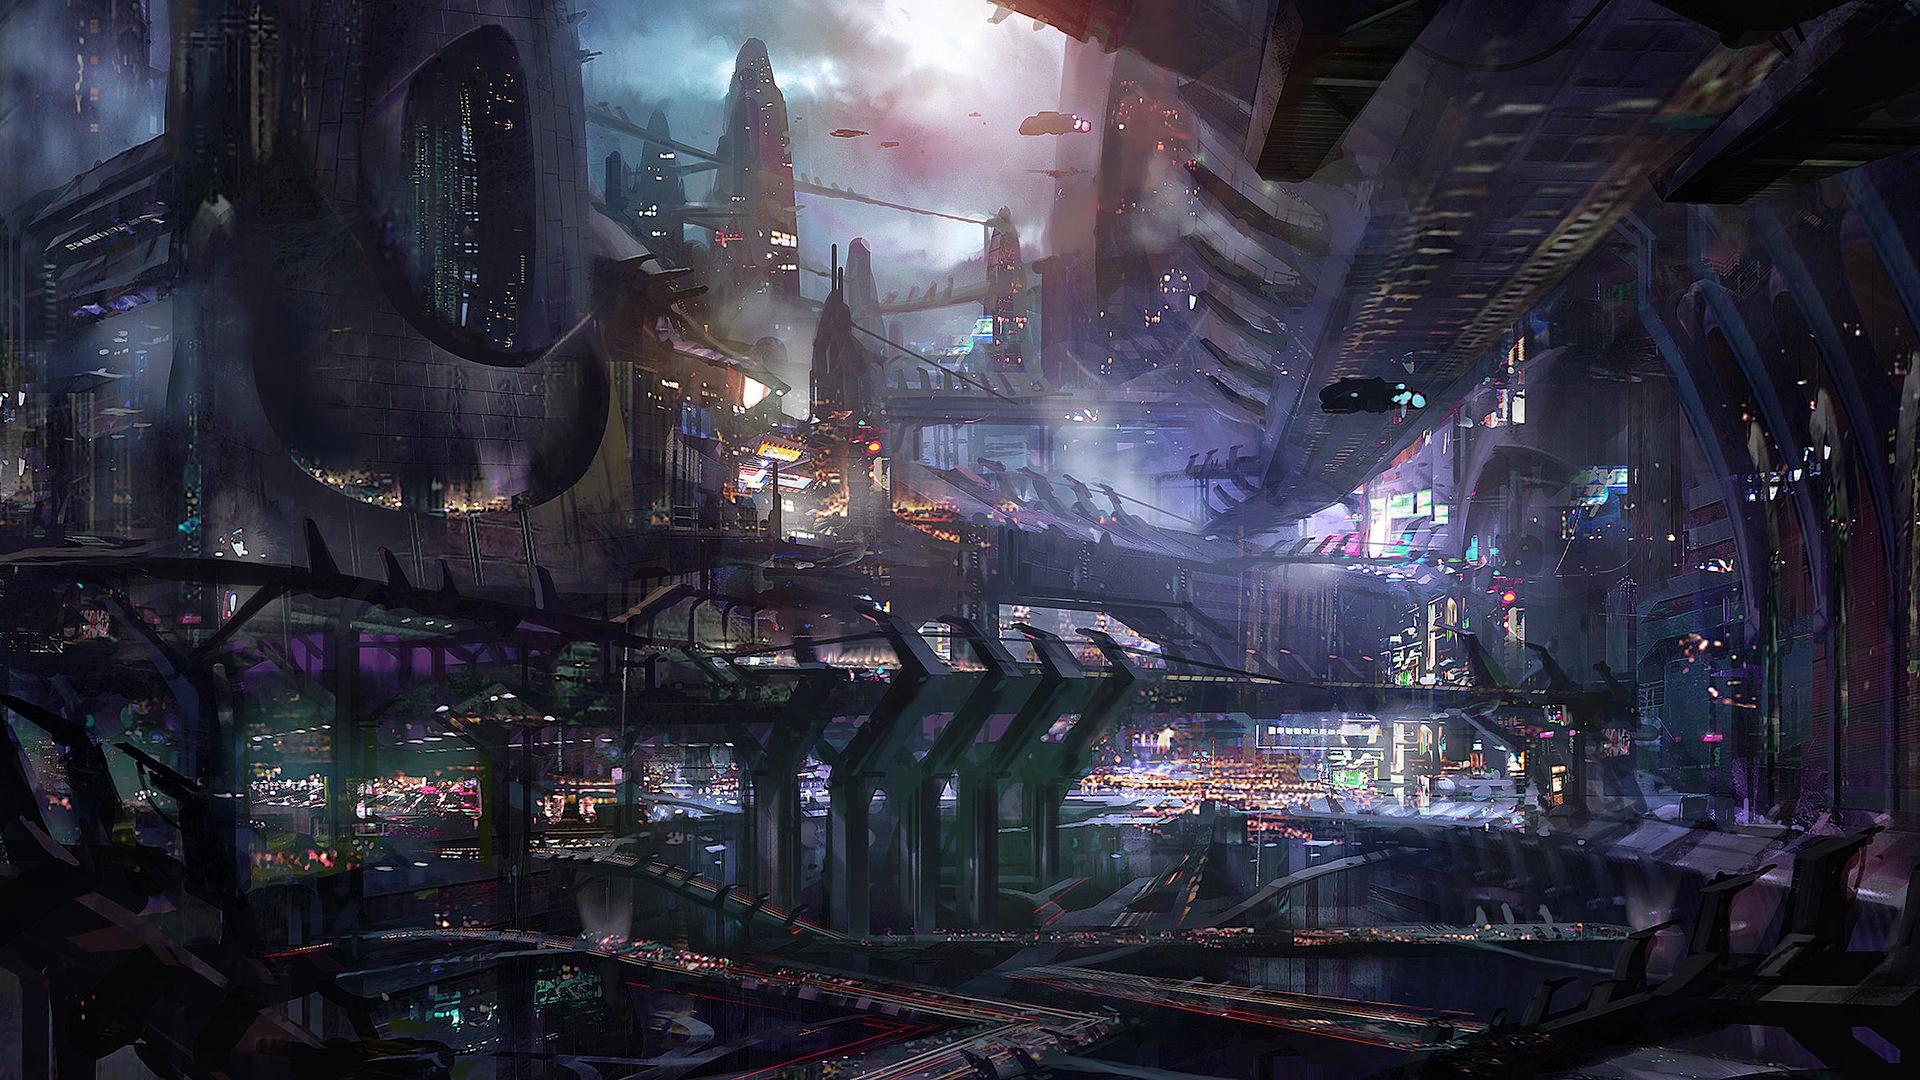 Fantasy Sci Fi Wallpaper